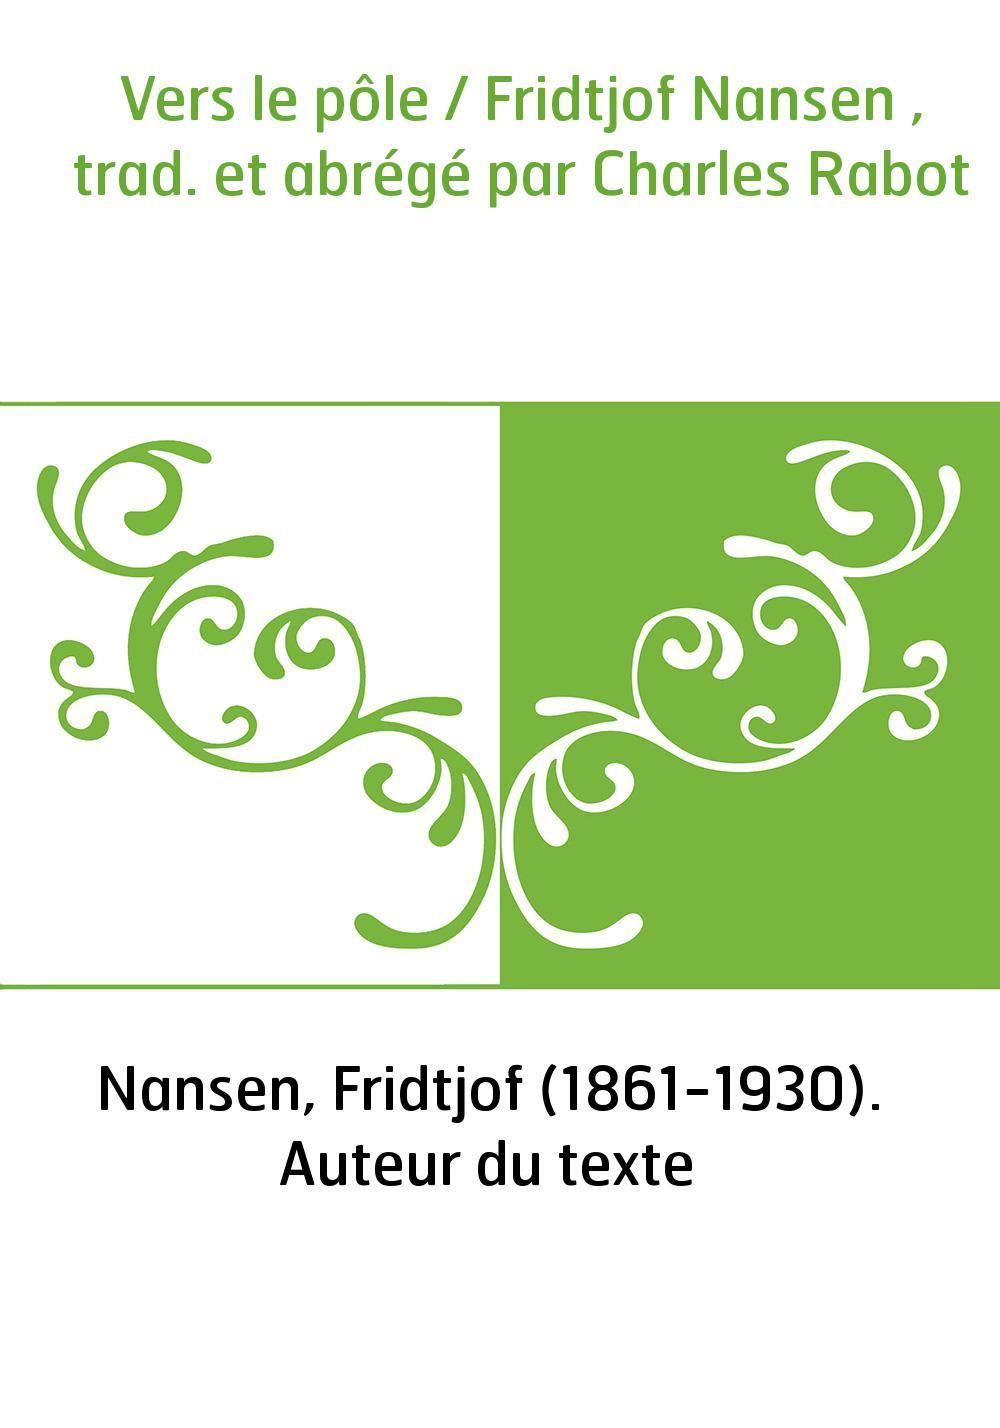 Vers le pôle / Fridtjof Nansen , trad. et abrégé par Charles Rabot